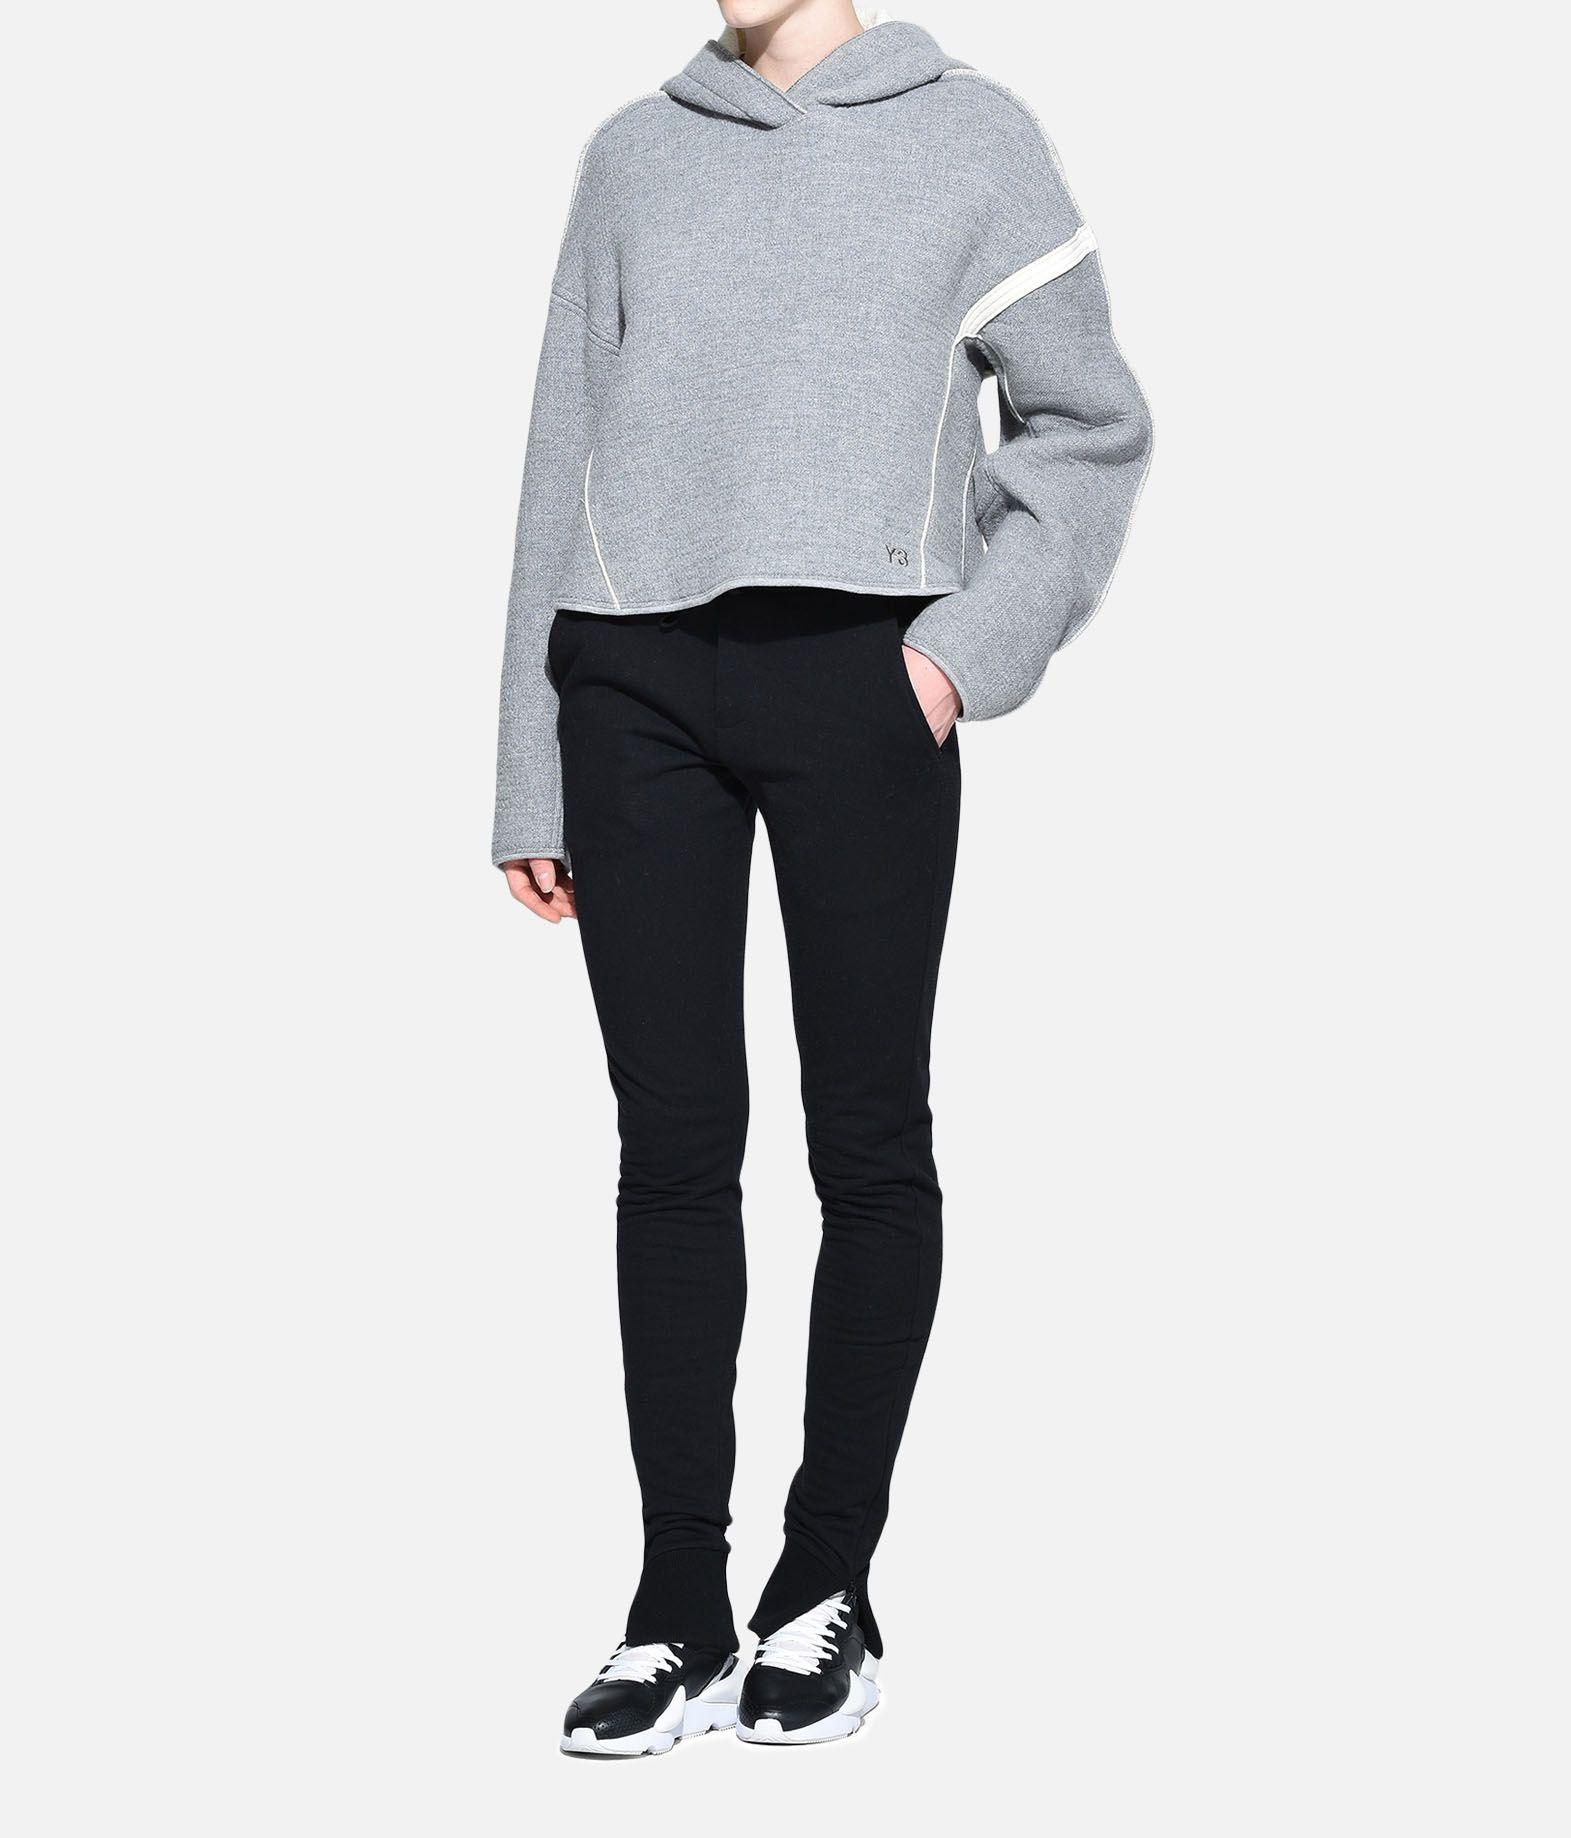 Y-3 Y-3 Oversize Spacer Wool Cropped Hoodie Hooded sweatshirt Woman a